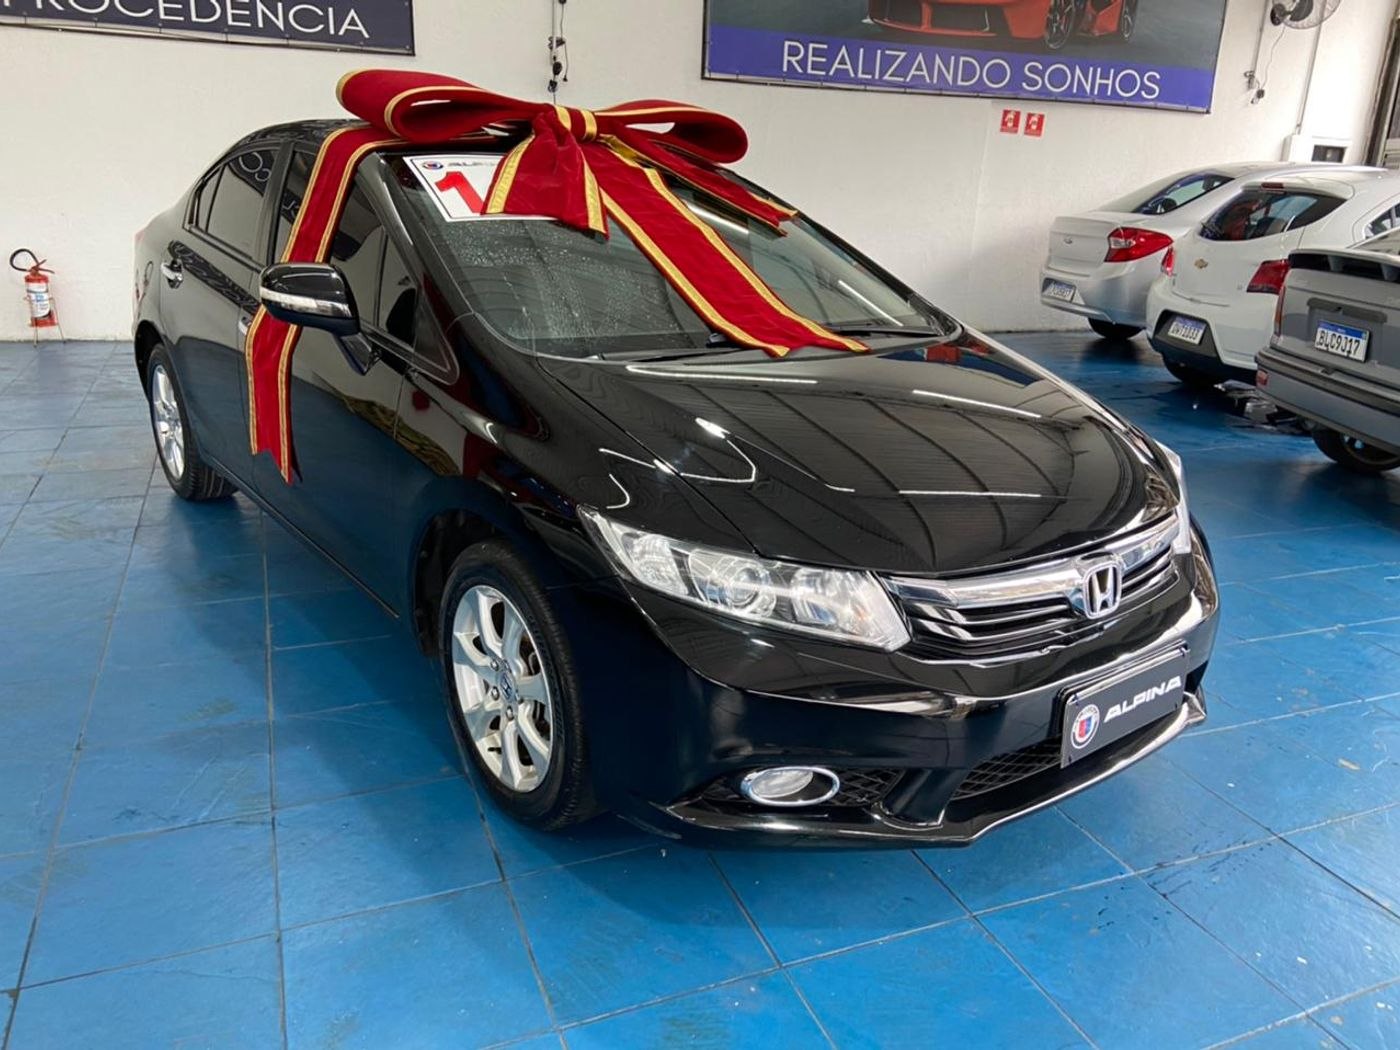 Honda Civic Sedan EXR 2.0 Flexone 16V Aut. 4p